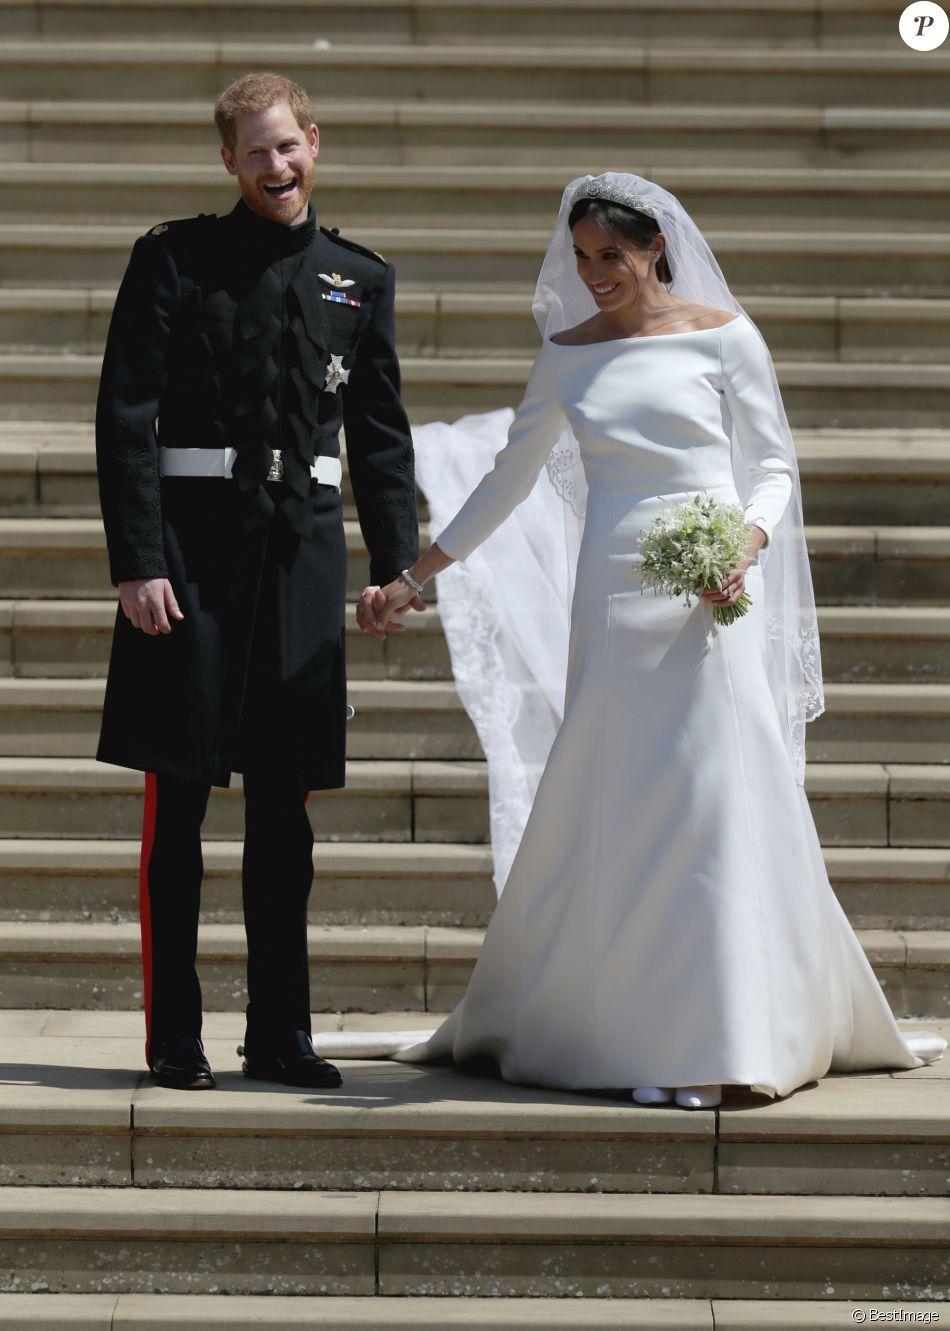 Le prince Harry et Meghan Markle (en robe de mariée Givenchy), duc et duchesse de Sussex, à la sortie de chapelle St. George au château de Windsor après leur mariage le 19 mai 2018.